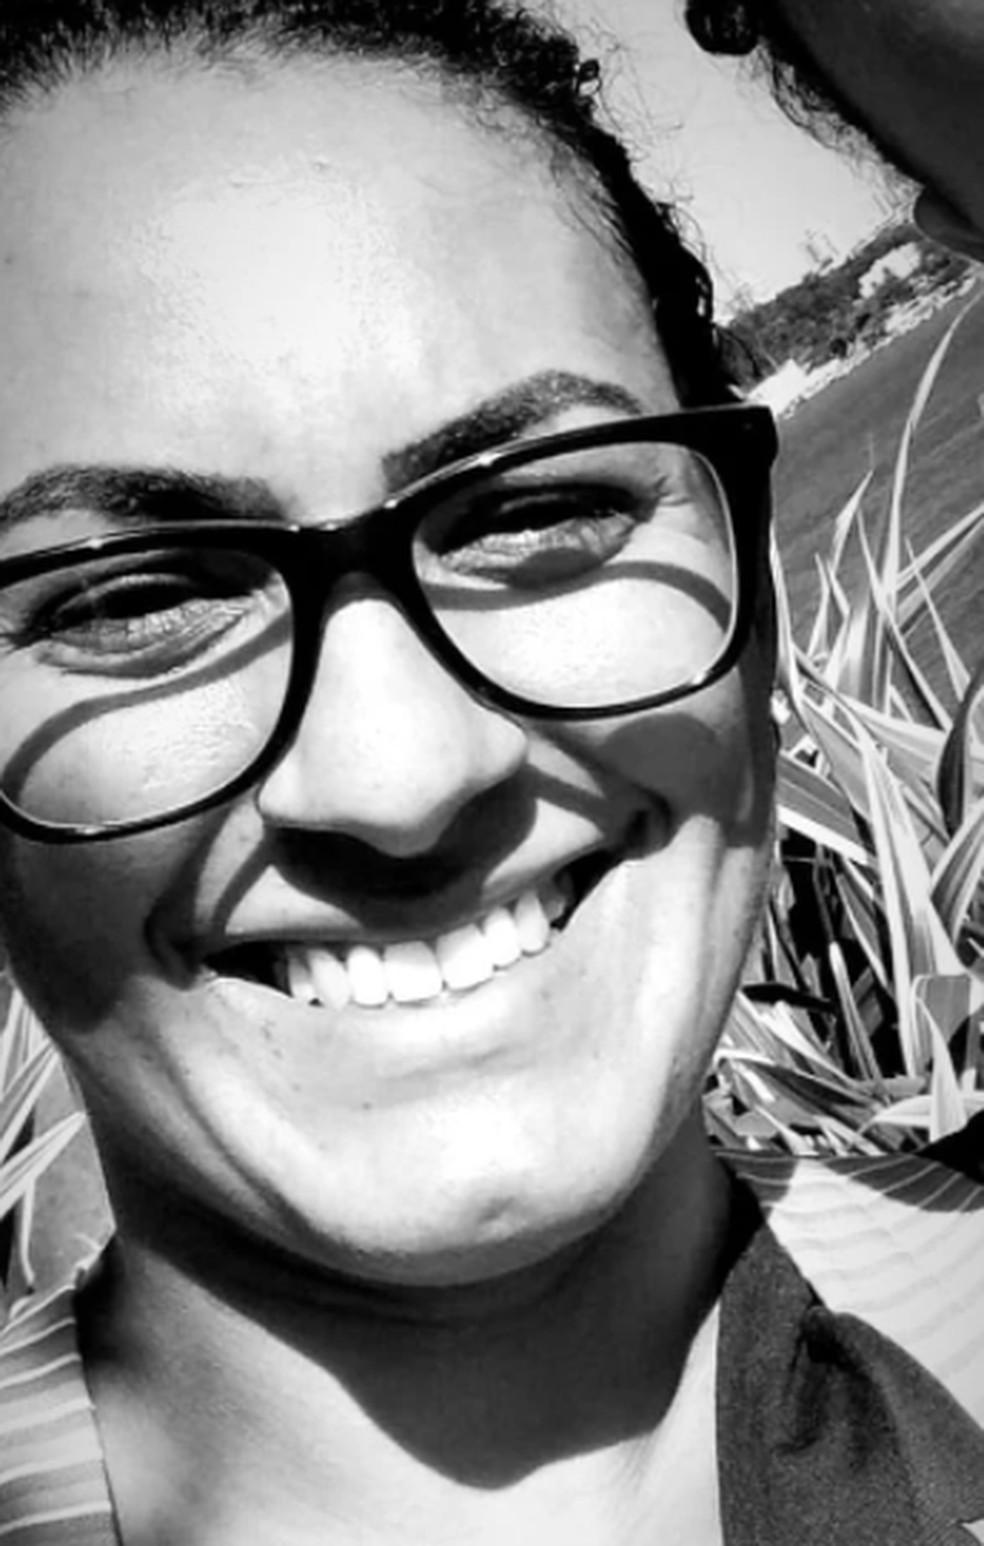 Enfermeira é morta a tiros na frente das filhas no ES e ex é preso como suspeito